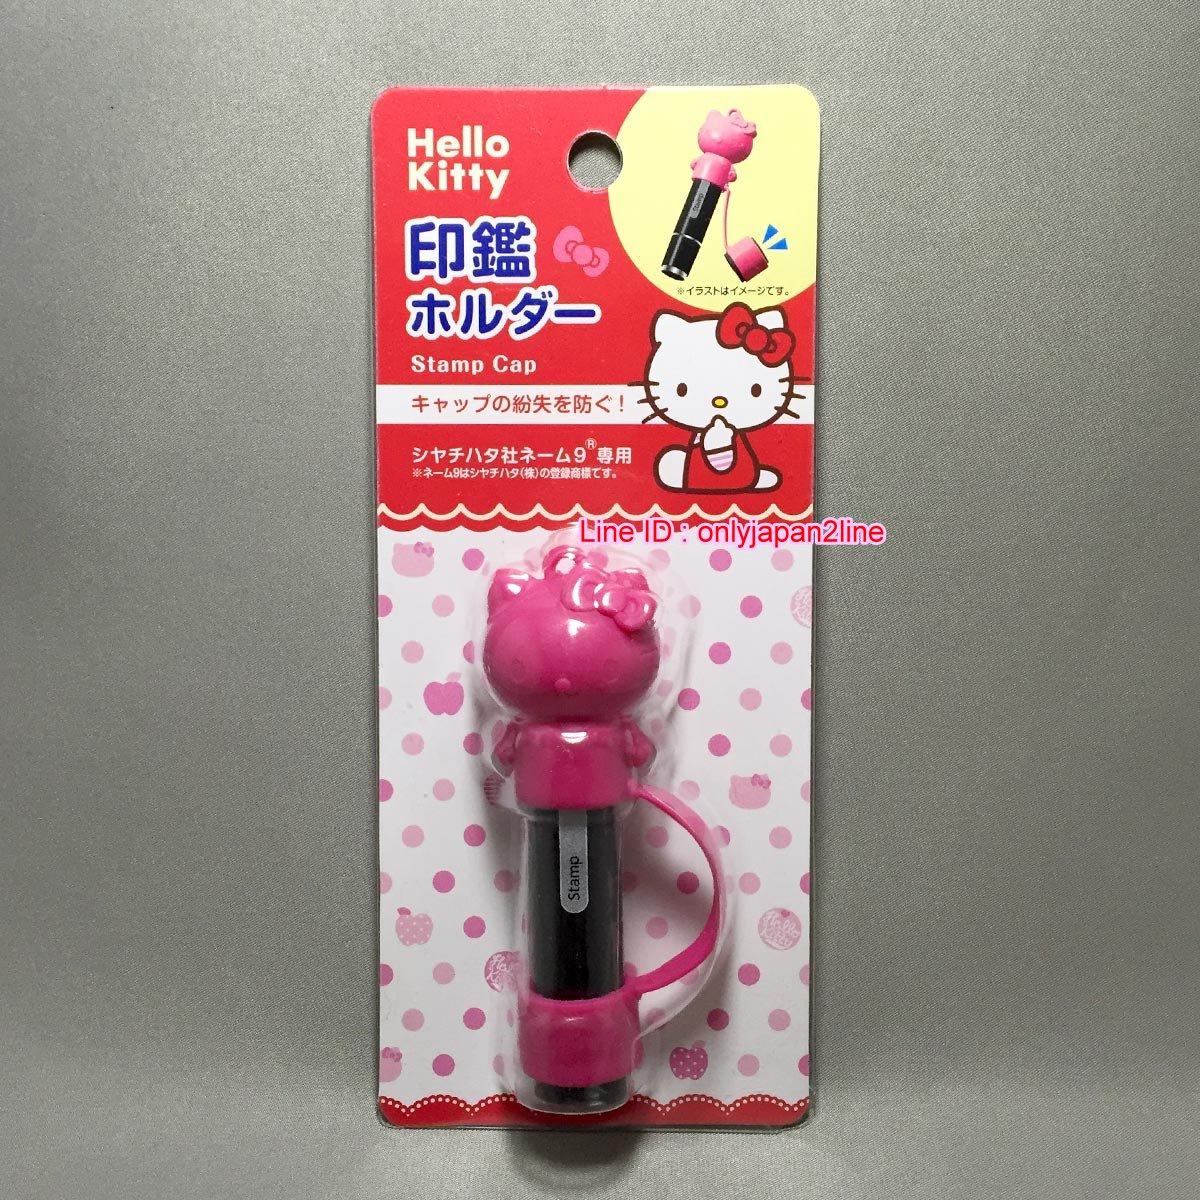 【真愛日本】16110300041立體造型印章盒-KT桃  三麗鷗 Hello Kitty 凱蒂貓 日本限定 精品百貨 日本帶回